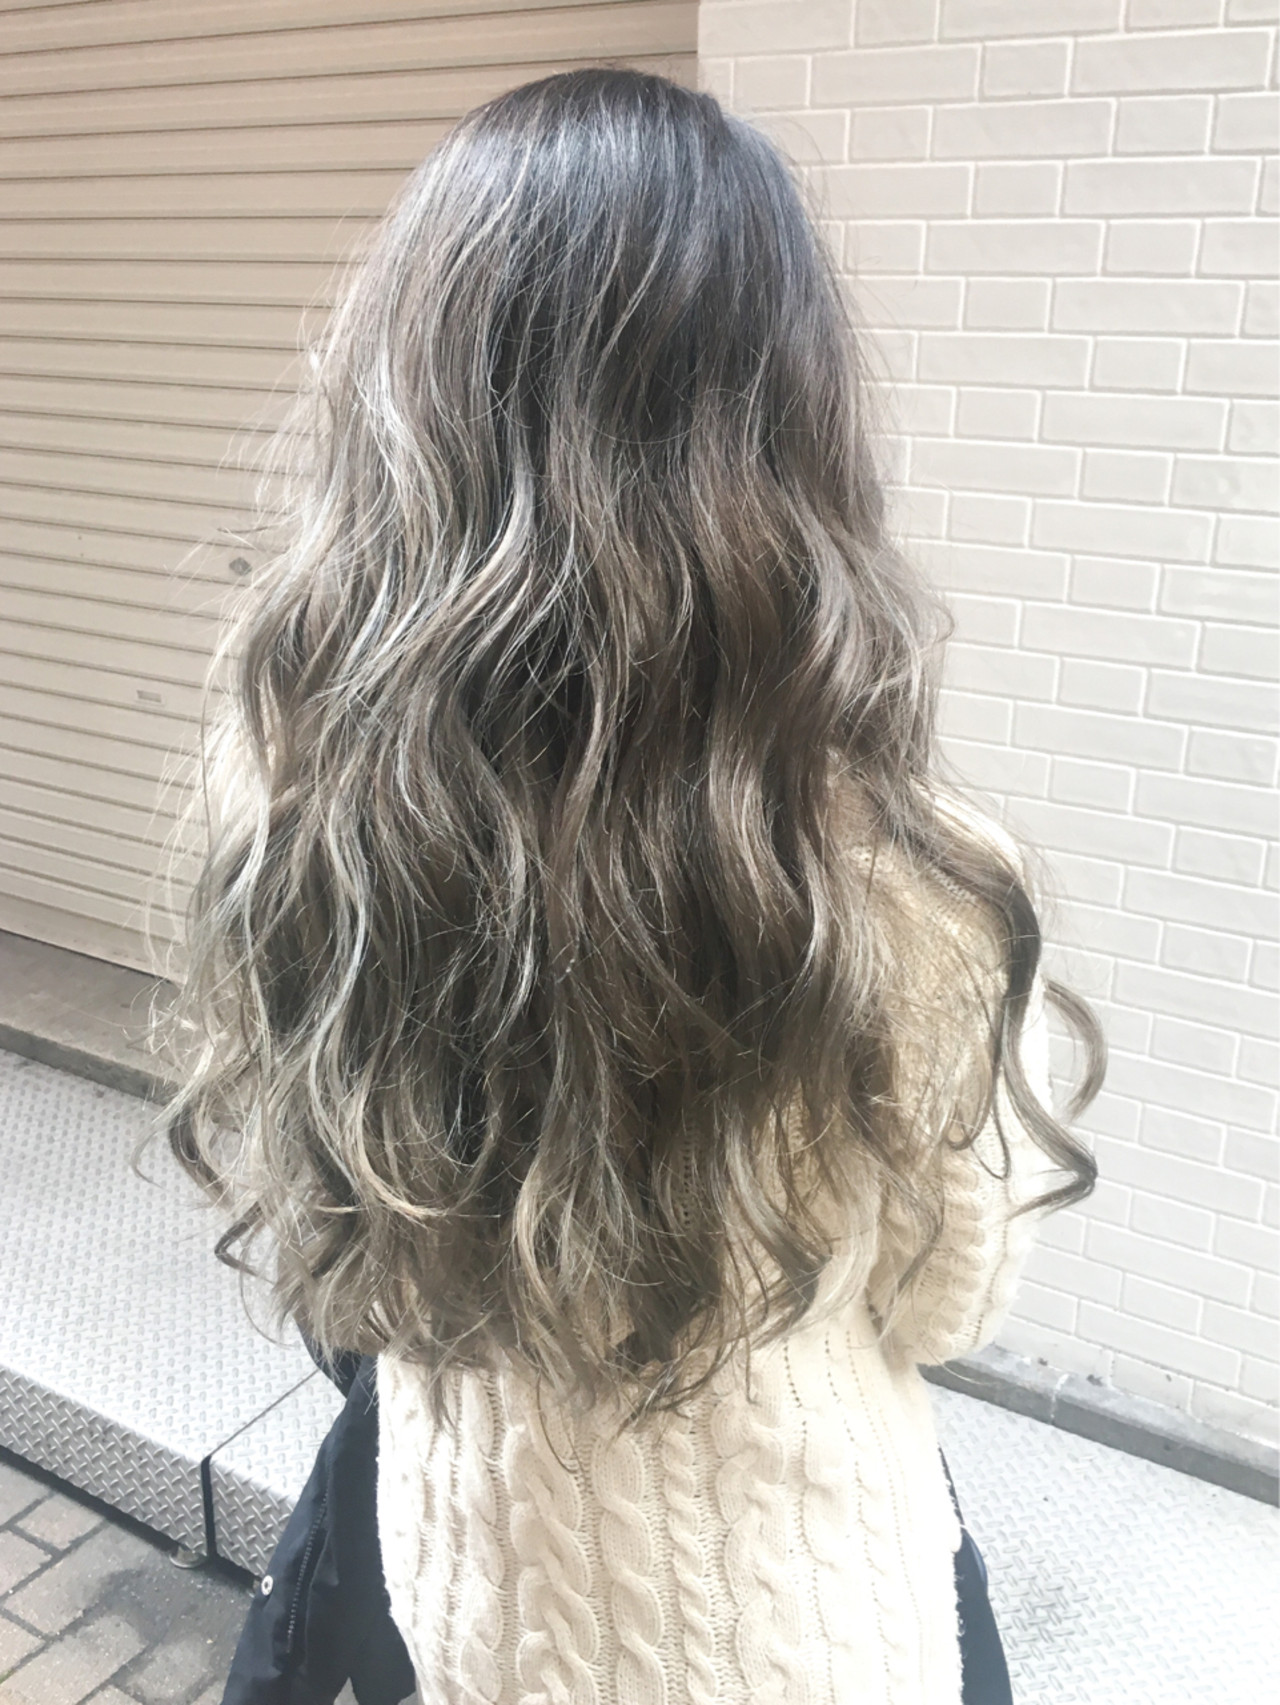 グレージュ ロング ブリーチ エレガント ヘアスタイルや髪型の写真・画像